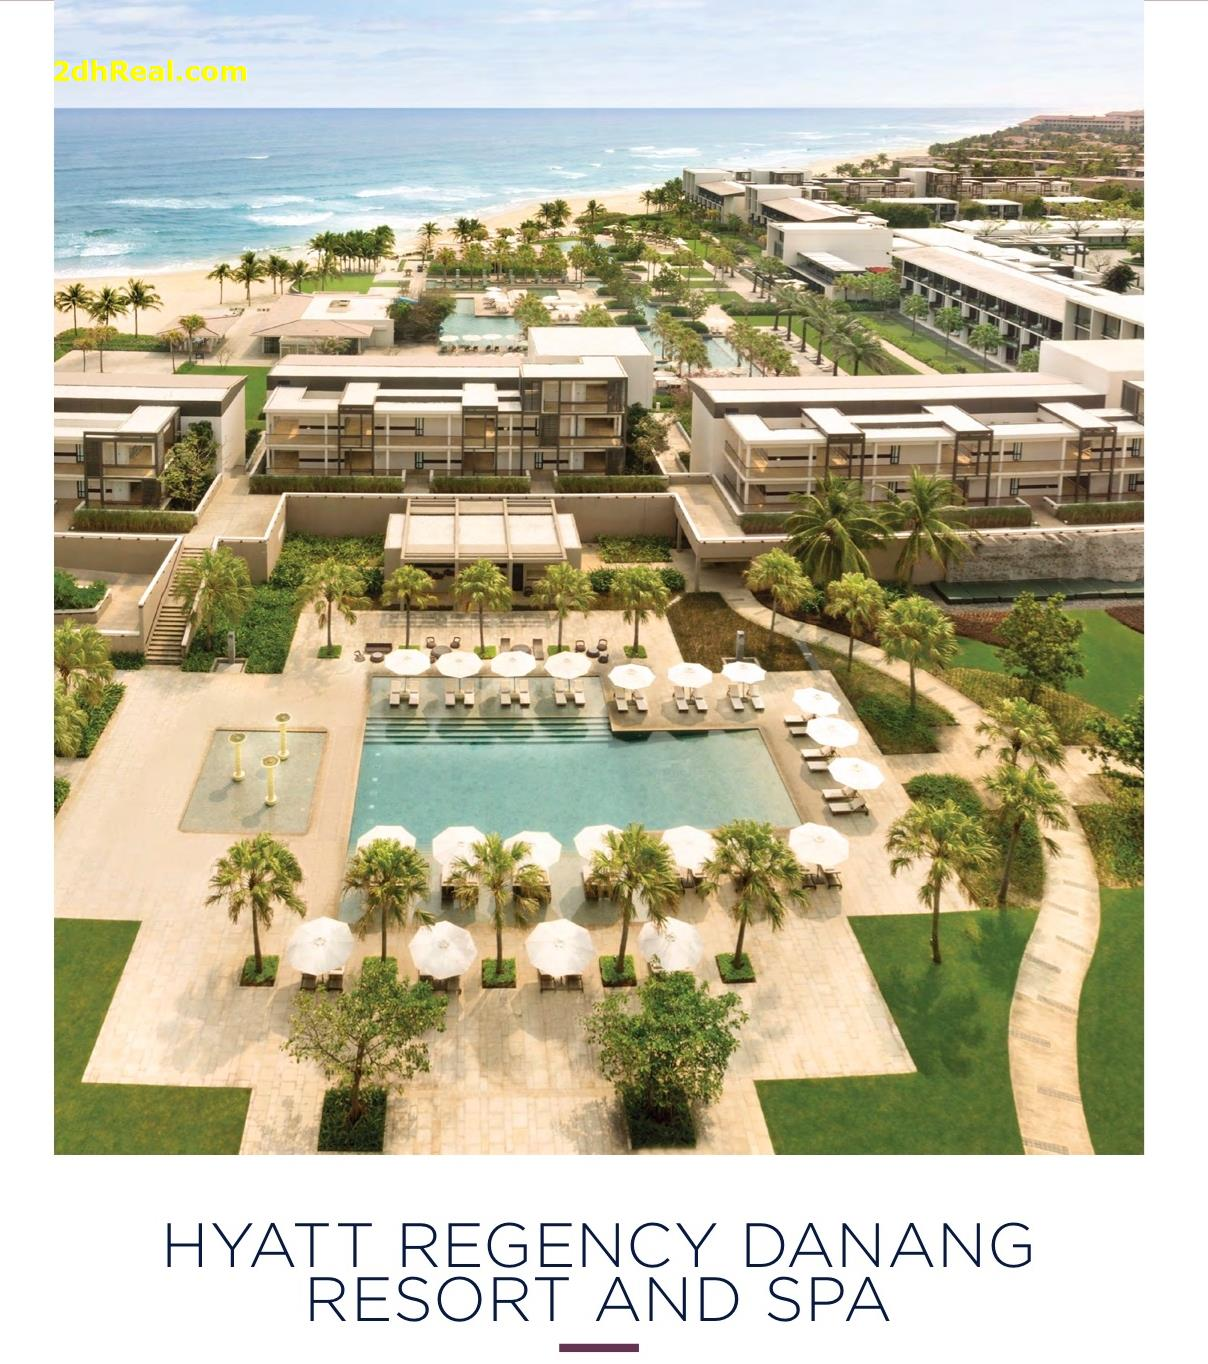 Bán Hyatt Regency Danang Residences tọa lạc tại thành phố Đà Nẵng